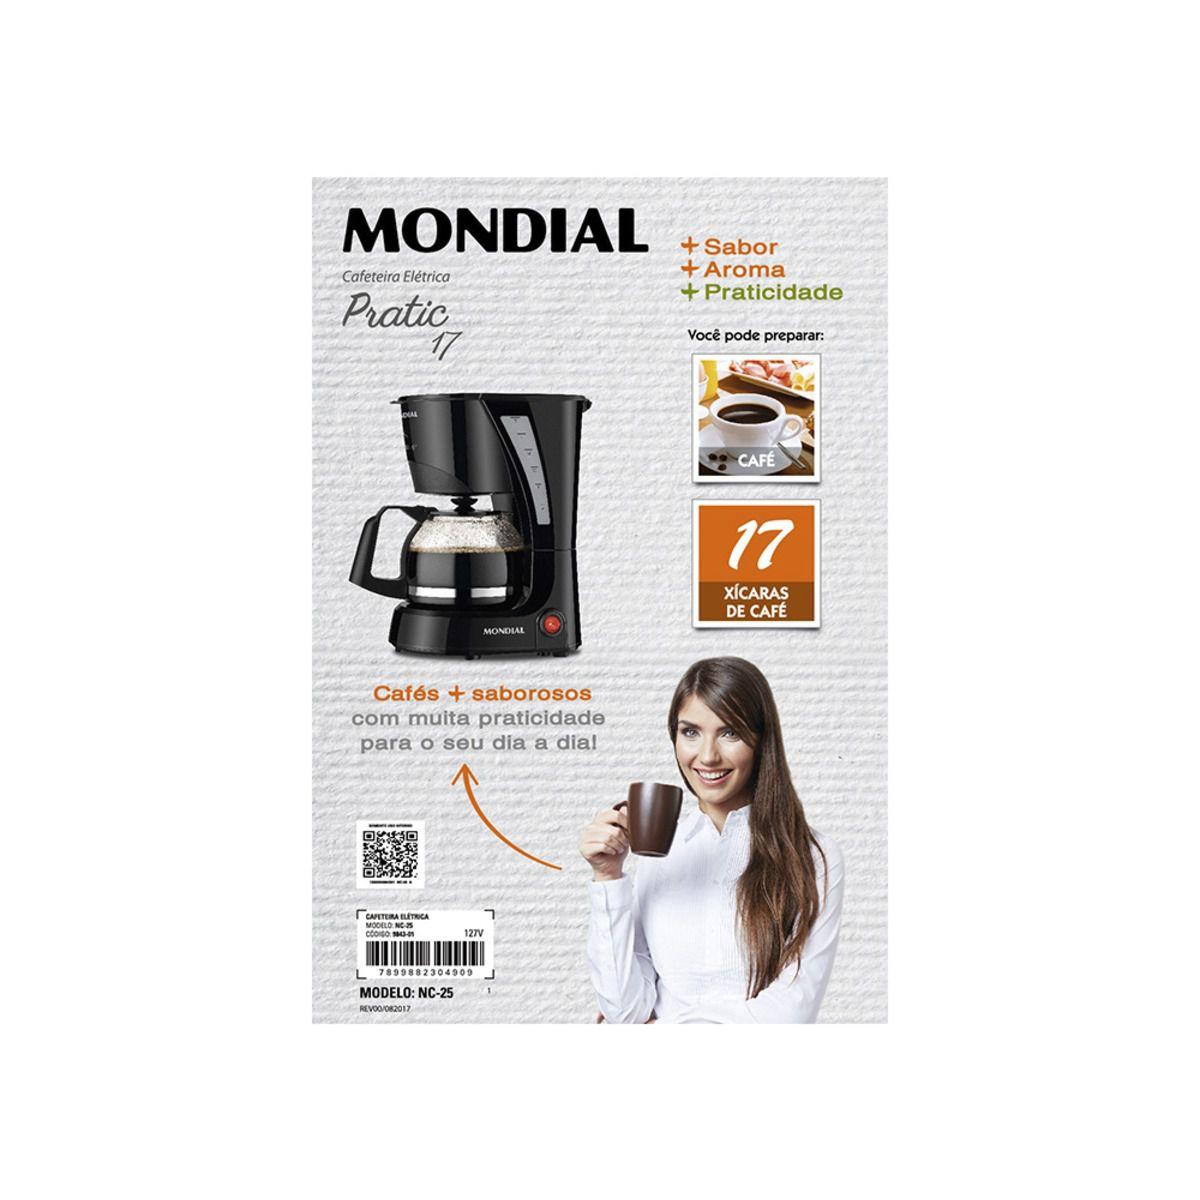 CAFETEIRA MONDIAL PRATIC 17 127 Nc-25  - Rea Comércio - Sua Loja Completa!